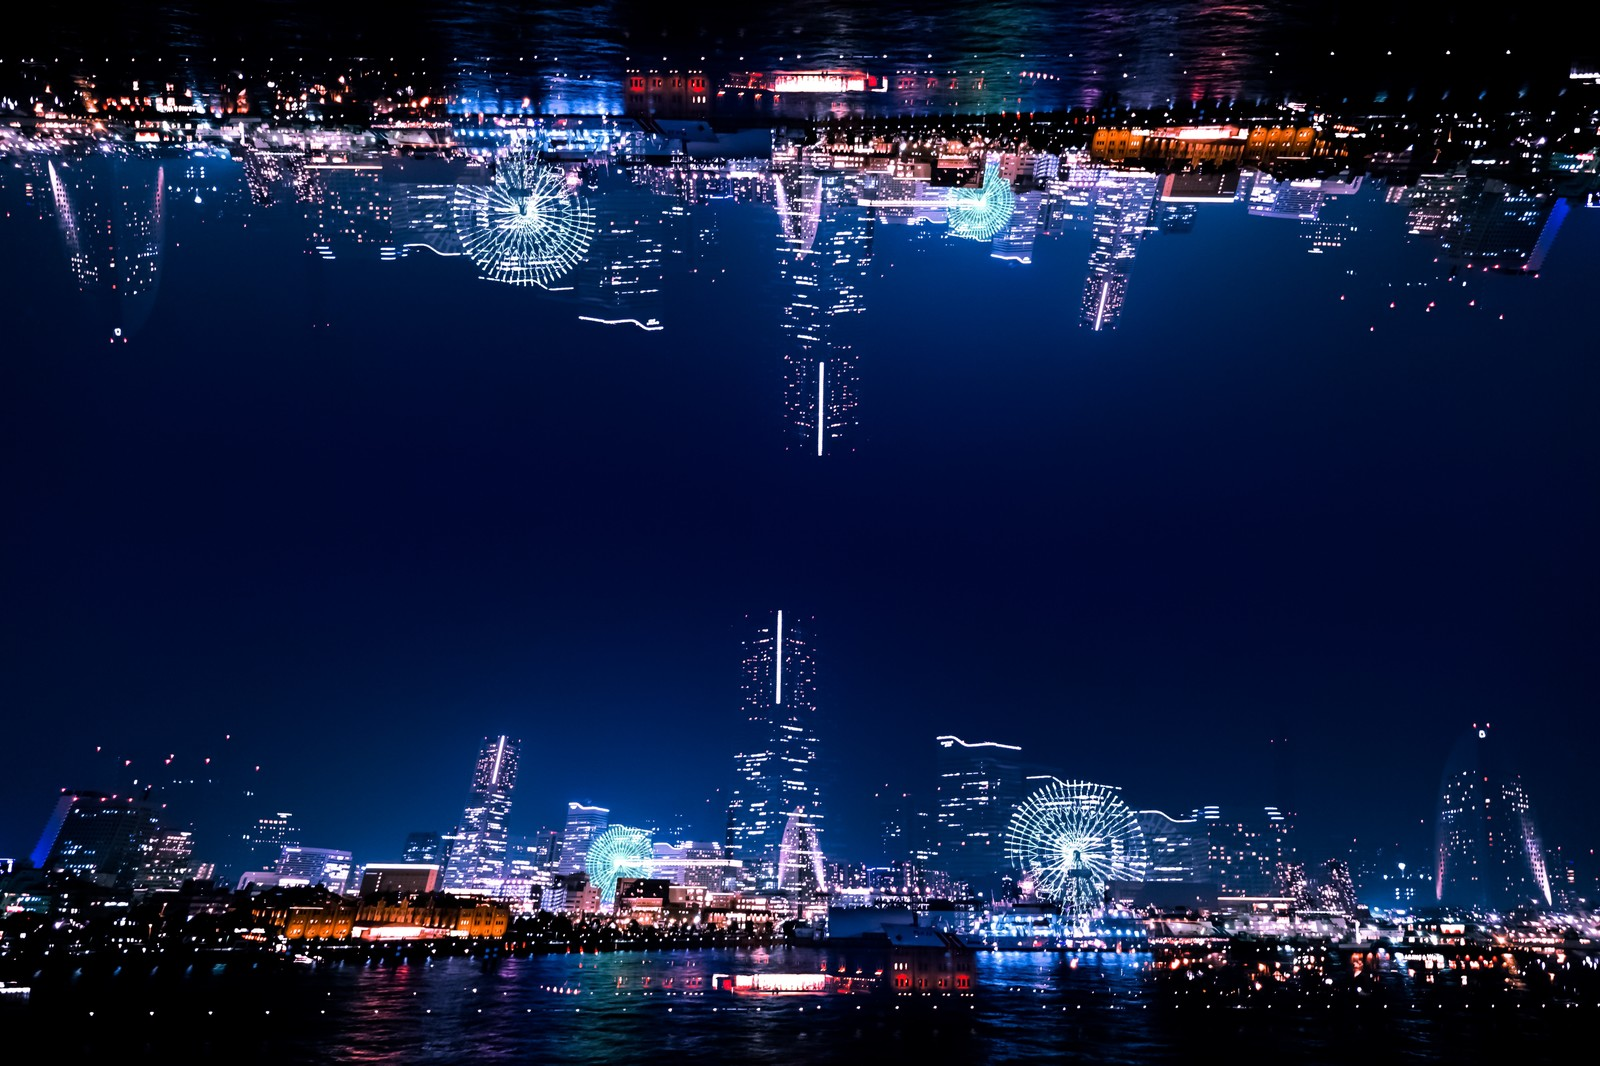 「みなとみらいの夜景(フォトモンタージュ)」の写真